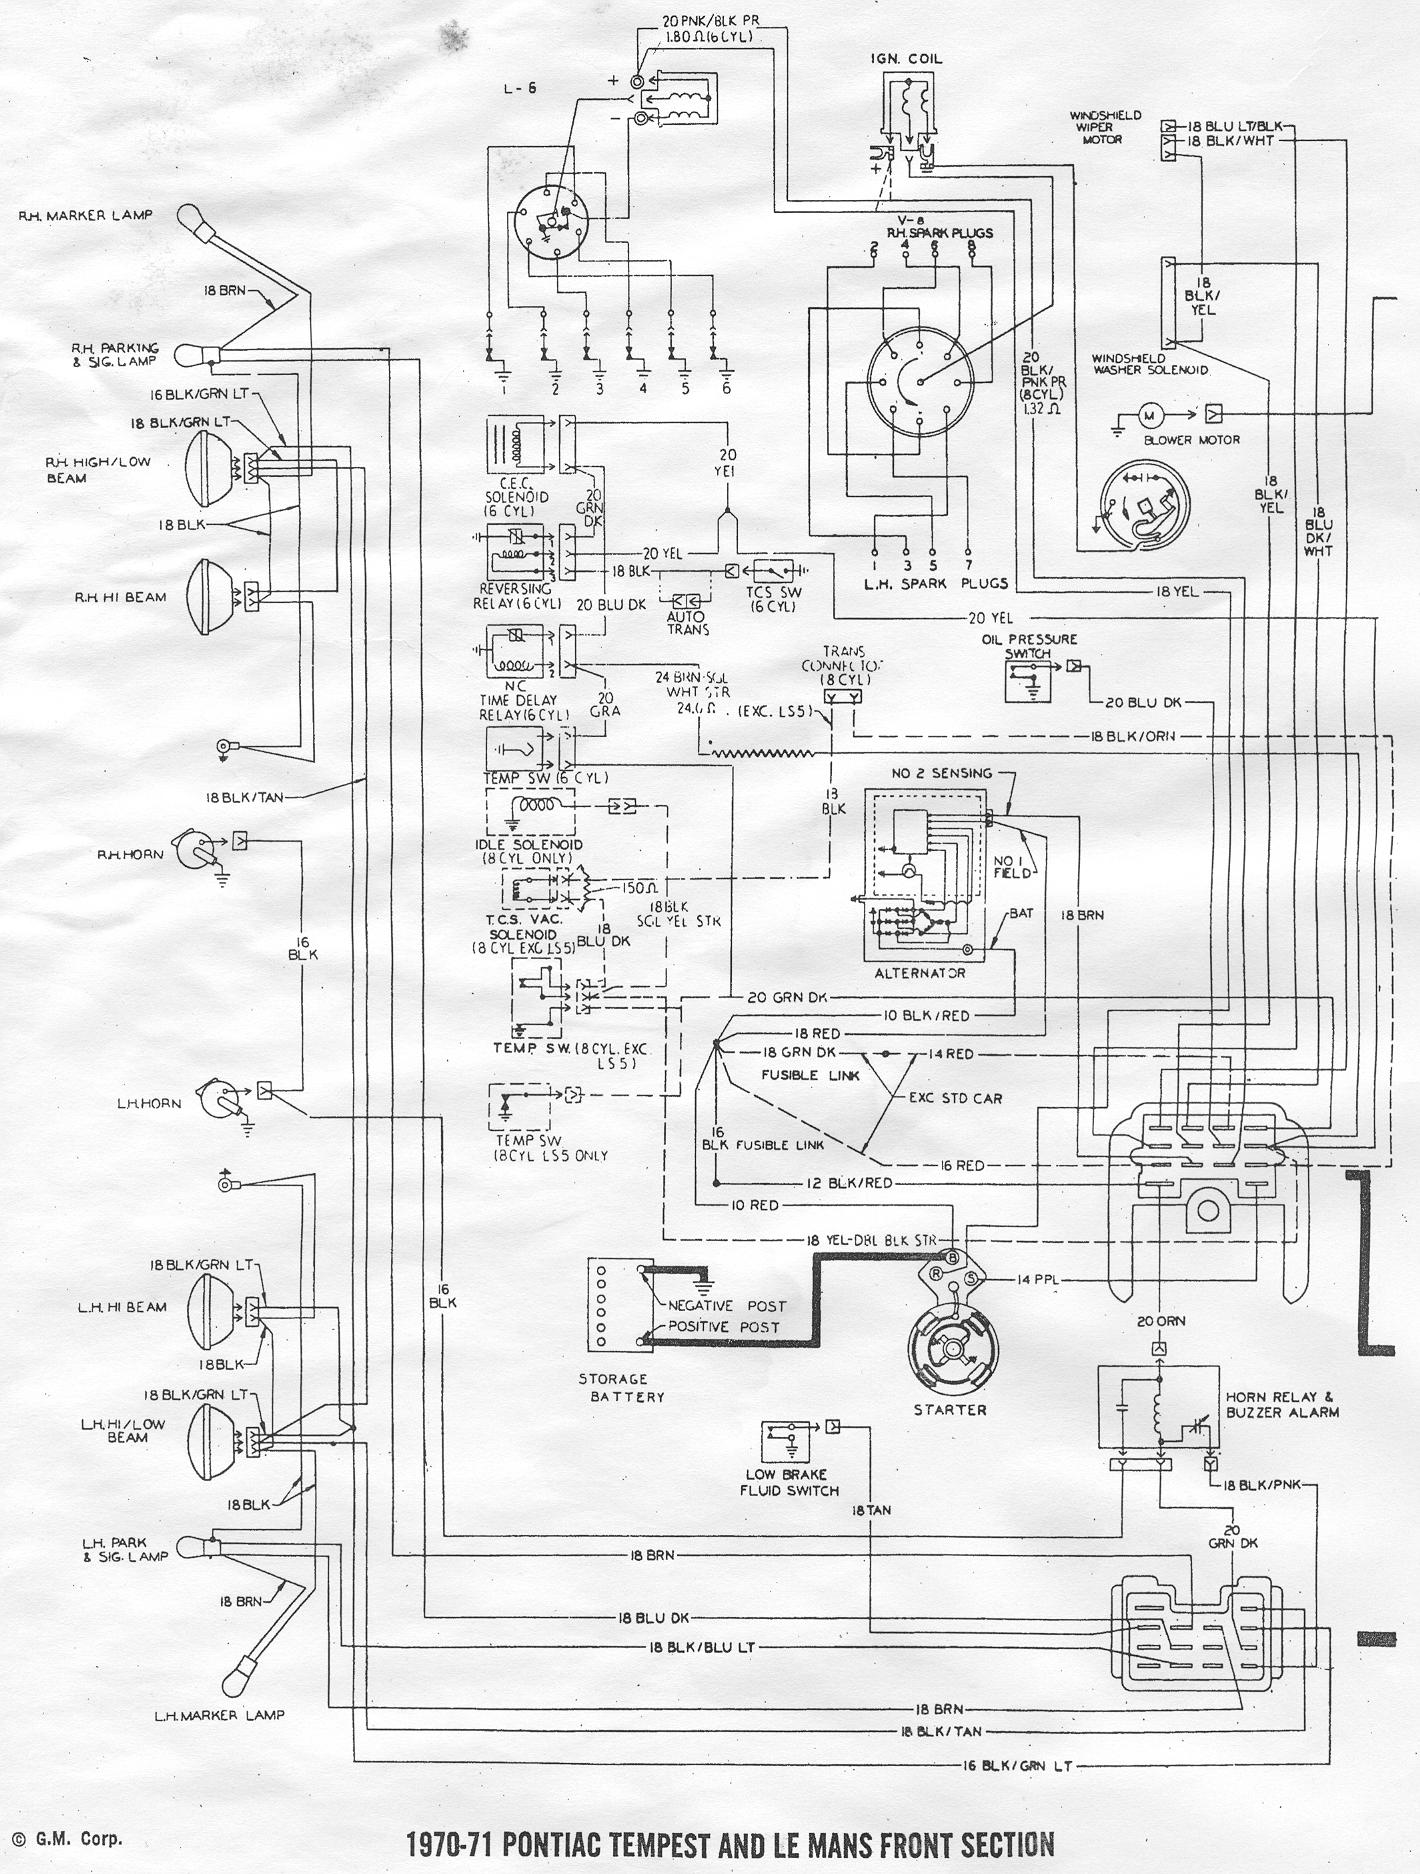 camaro wiring diagram image wiring diagram wiring diagram for 1994 camaro tachometer wiring discover your on 1994 camaro wiring diagram